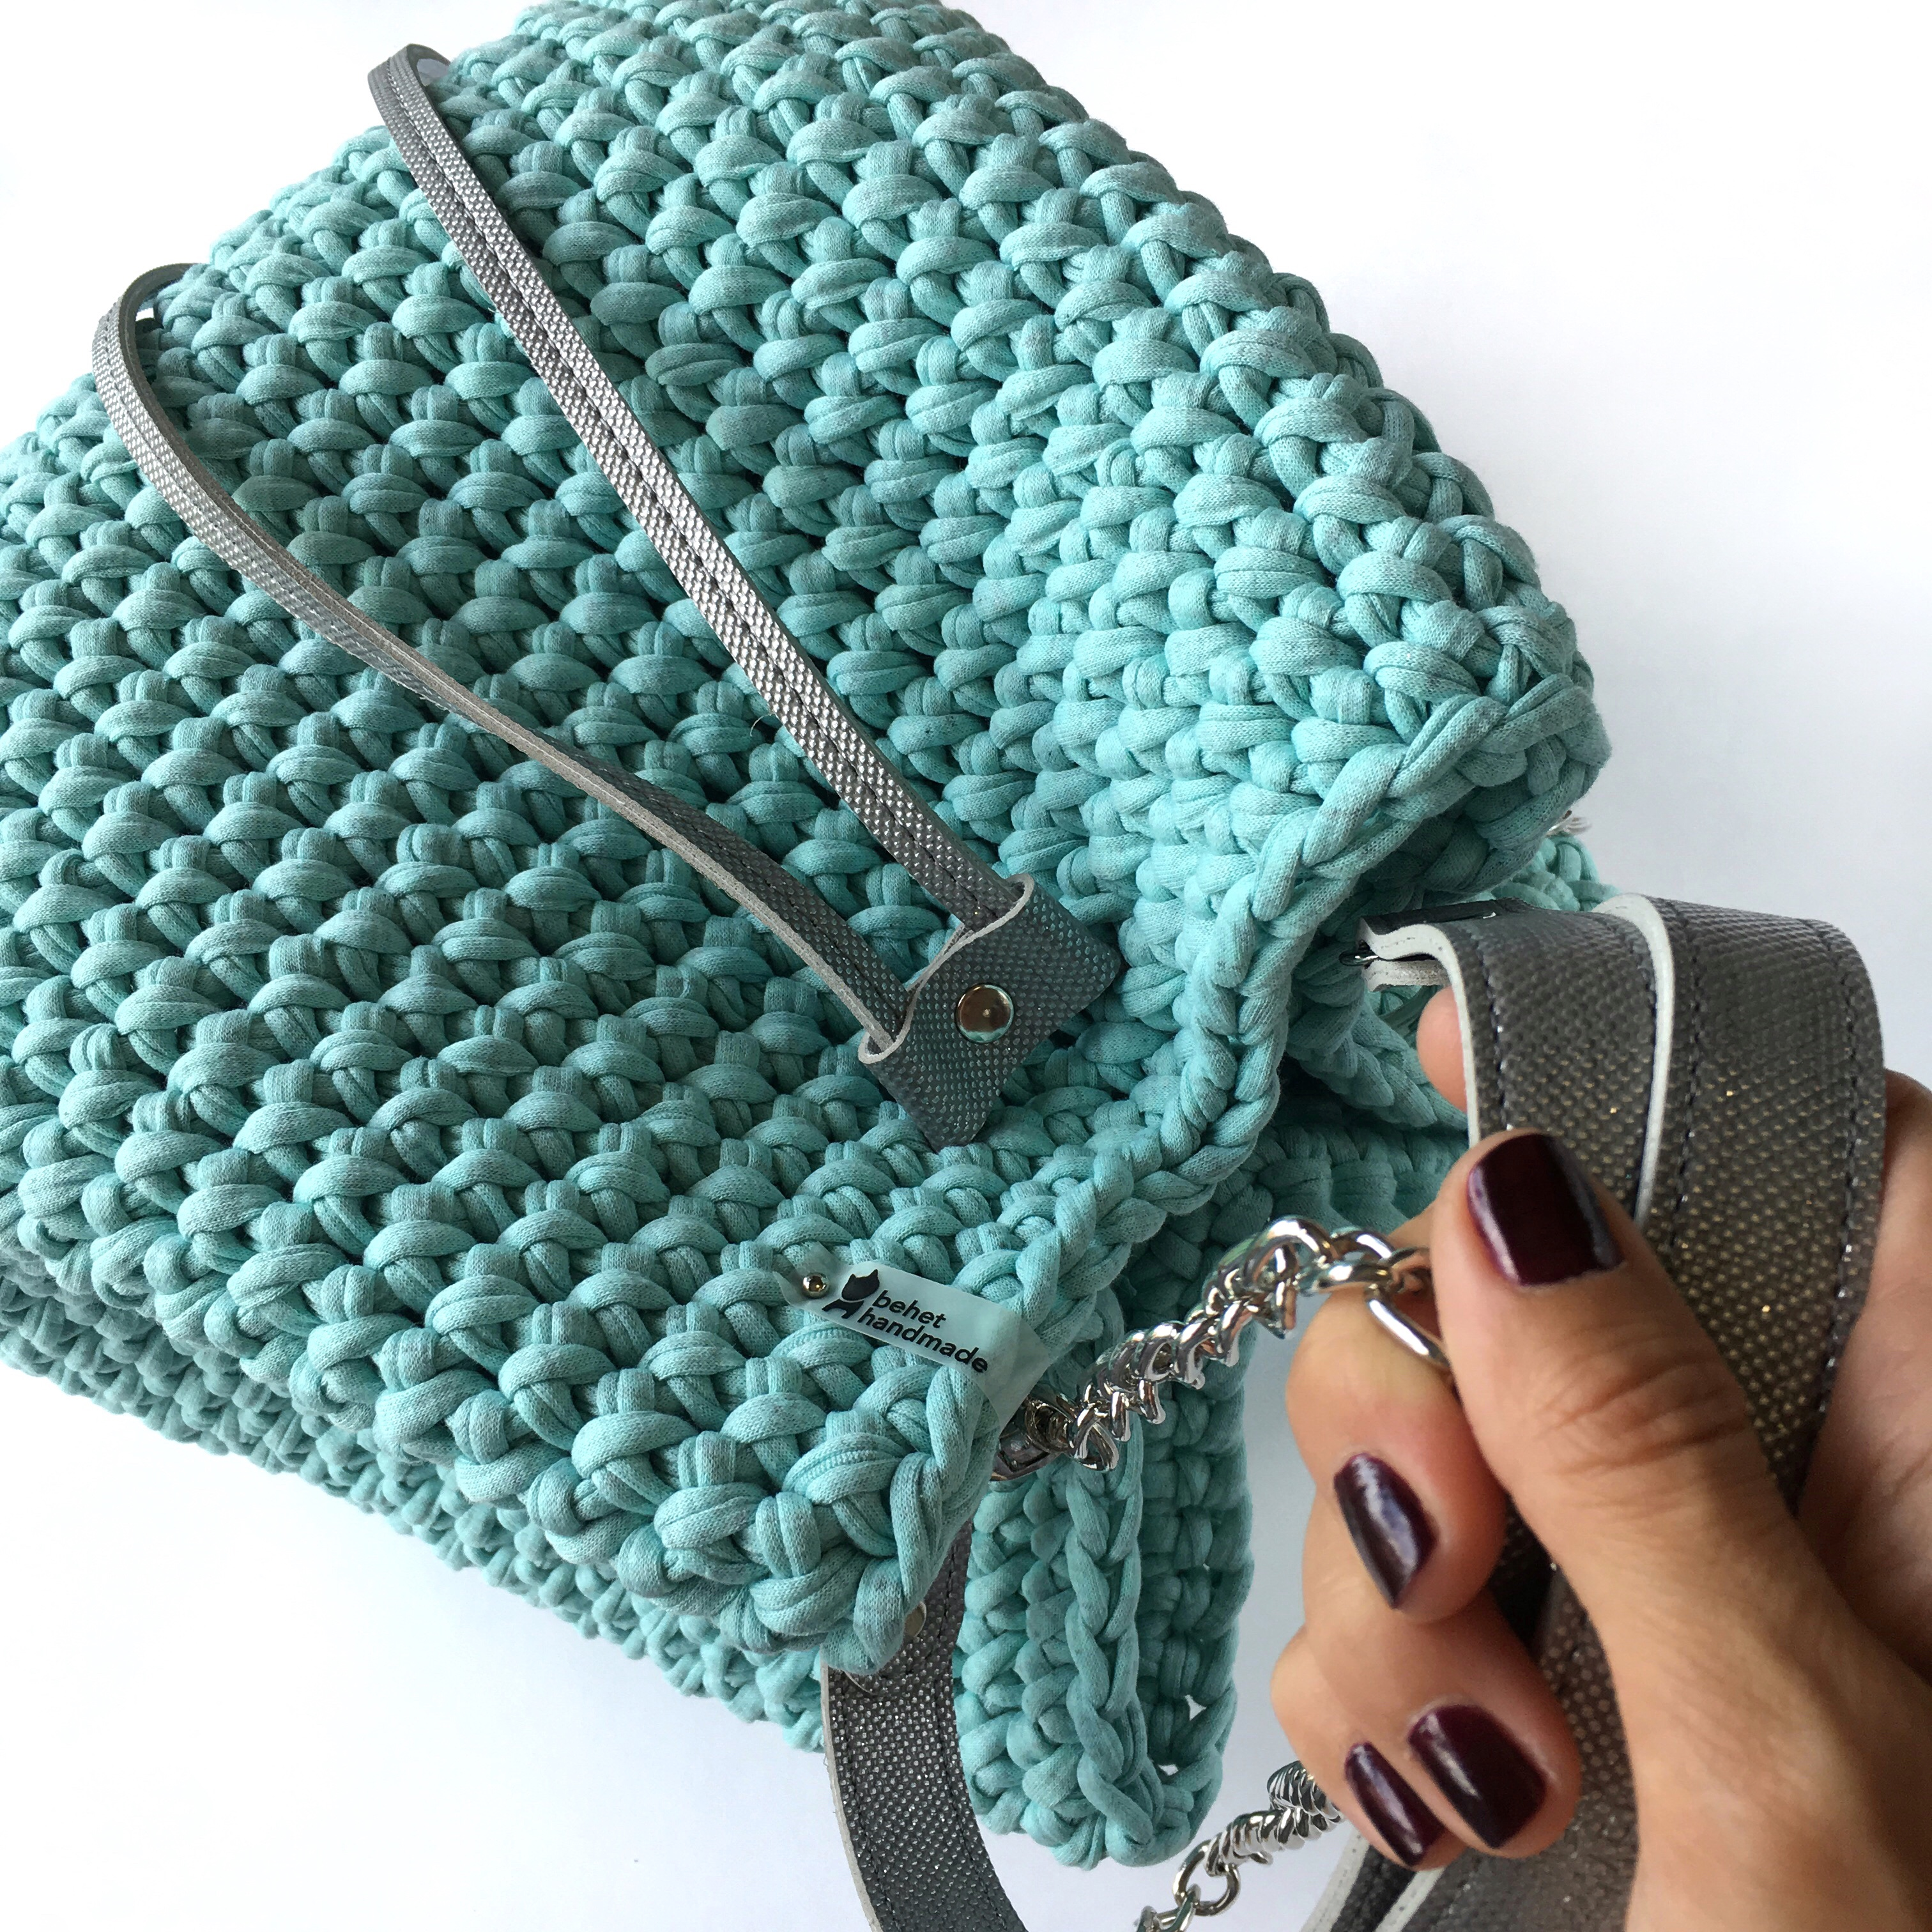 e9ebe1838743 Подробный видео мастер-класс по вязанию сумки-торбы из трикотажной пряжи с  фурнитурой из экокожи, рассчитан как на опытных, так и начинающих мастериц.